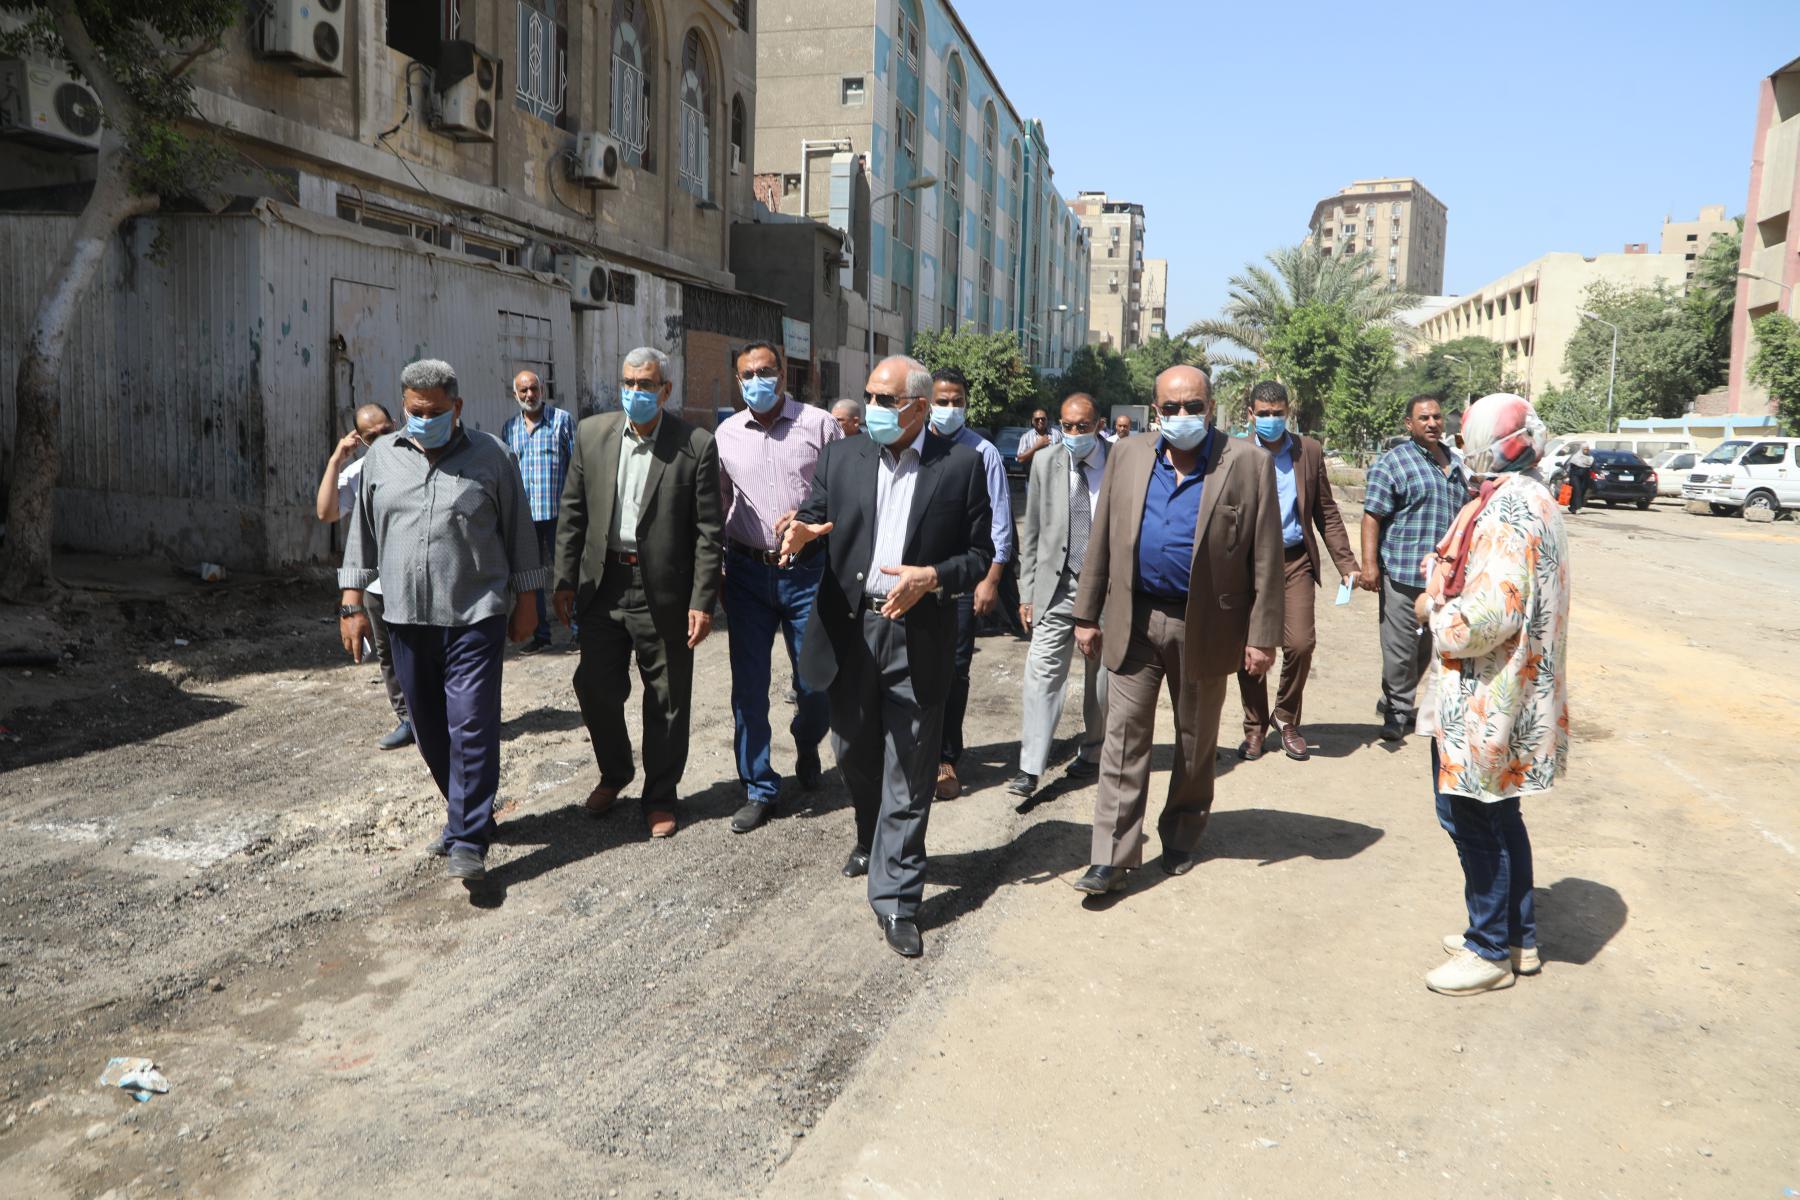 اللواء أحمد راشد محافظ الجيزة يتابع حالة النظافة بالشوارع (3)